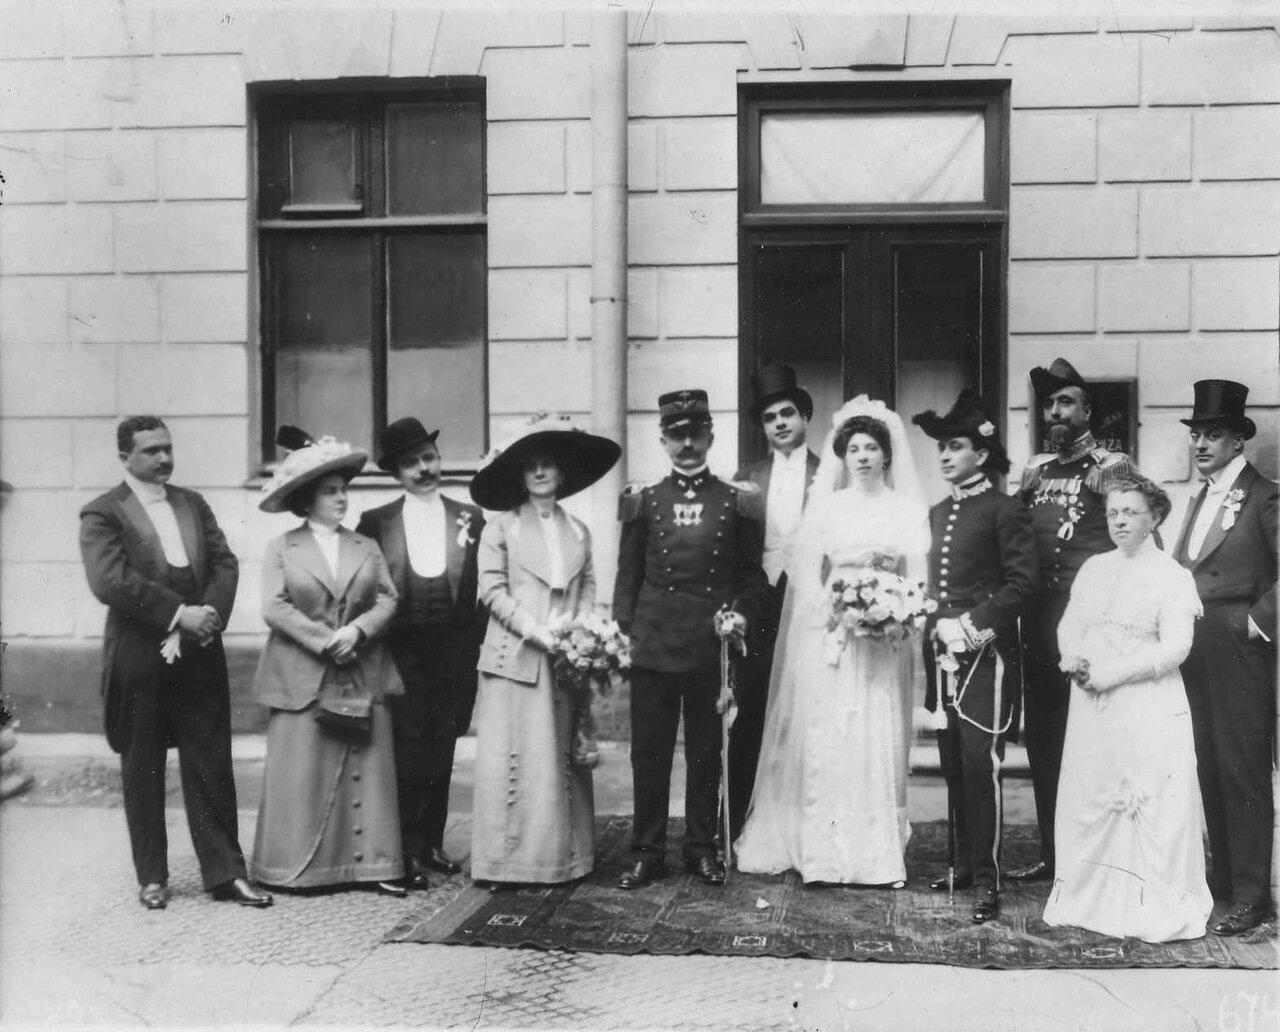 31.Итальянский король Виктор Эммануил III, члены его семьи, чета новобрачных и свита у подъезда здания